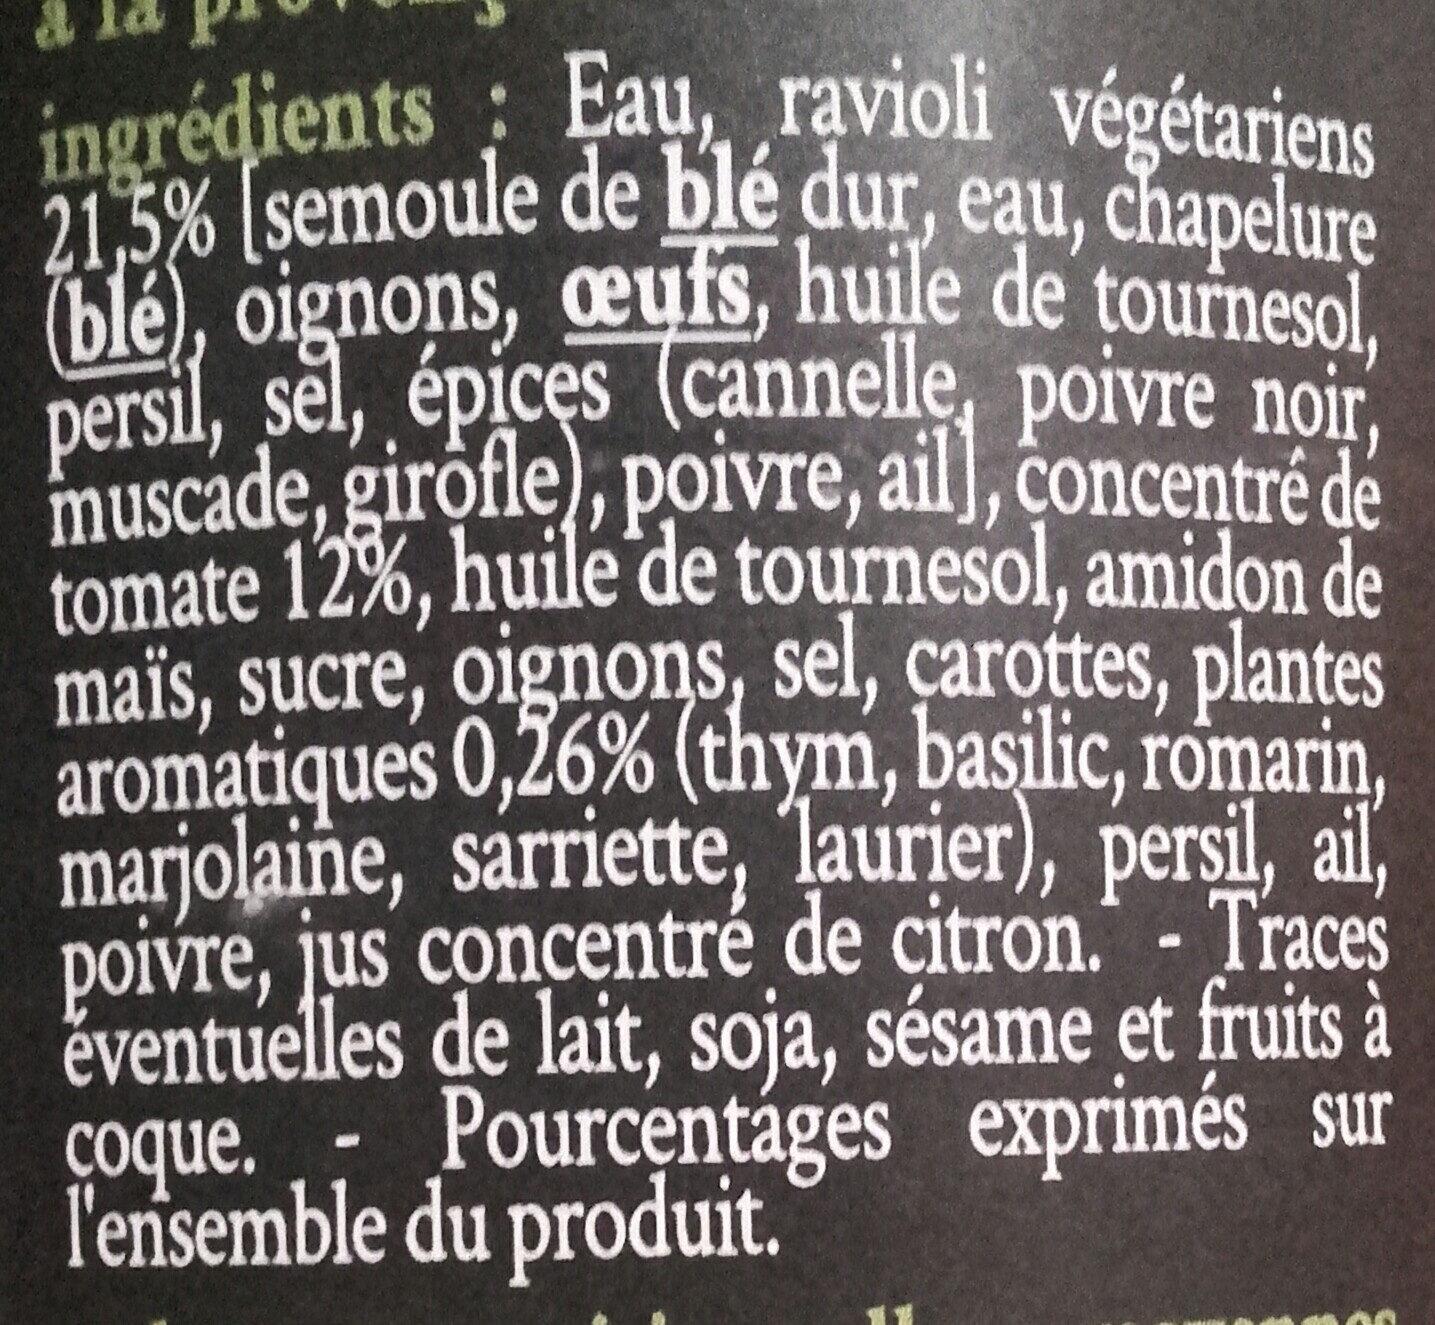 Raviolis vegetariens - Ingrediënten